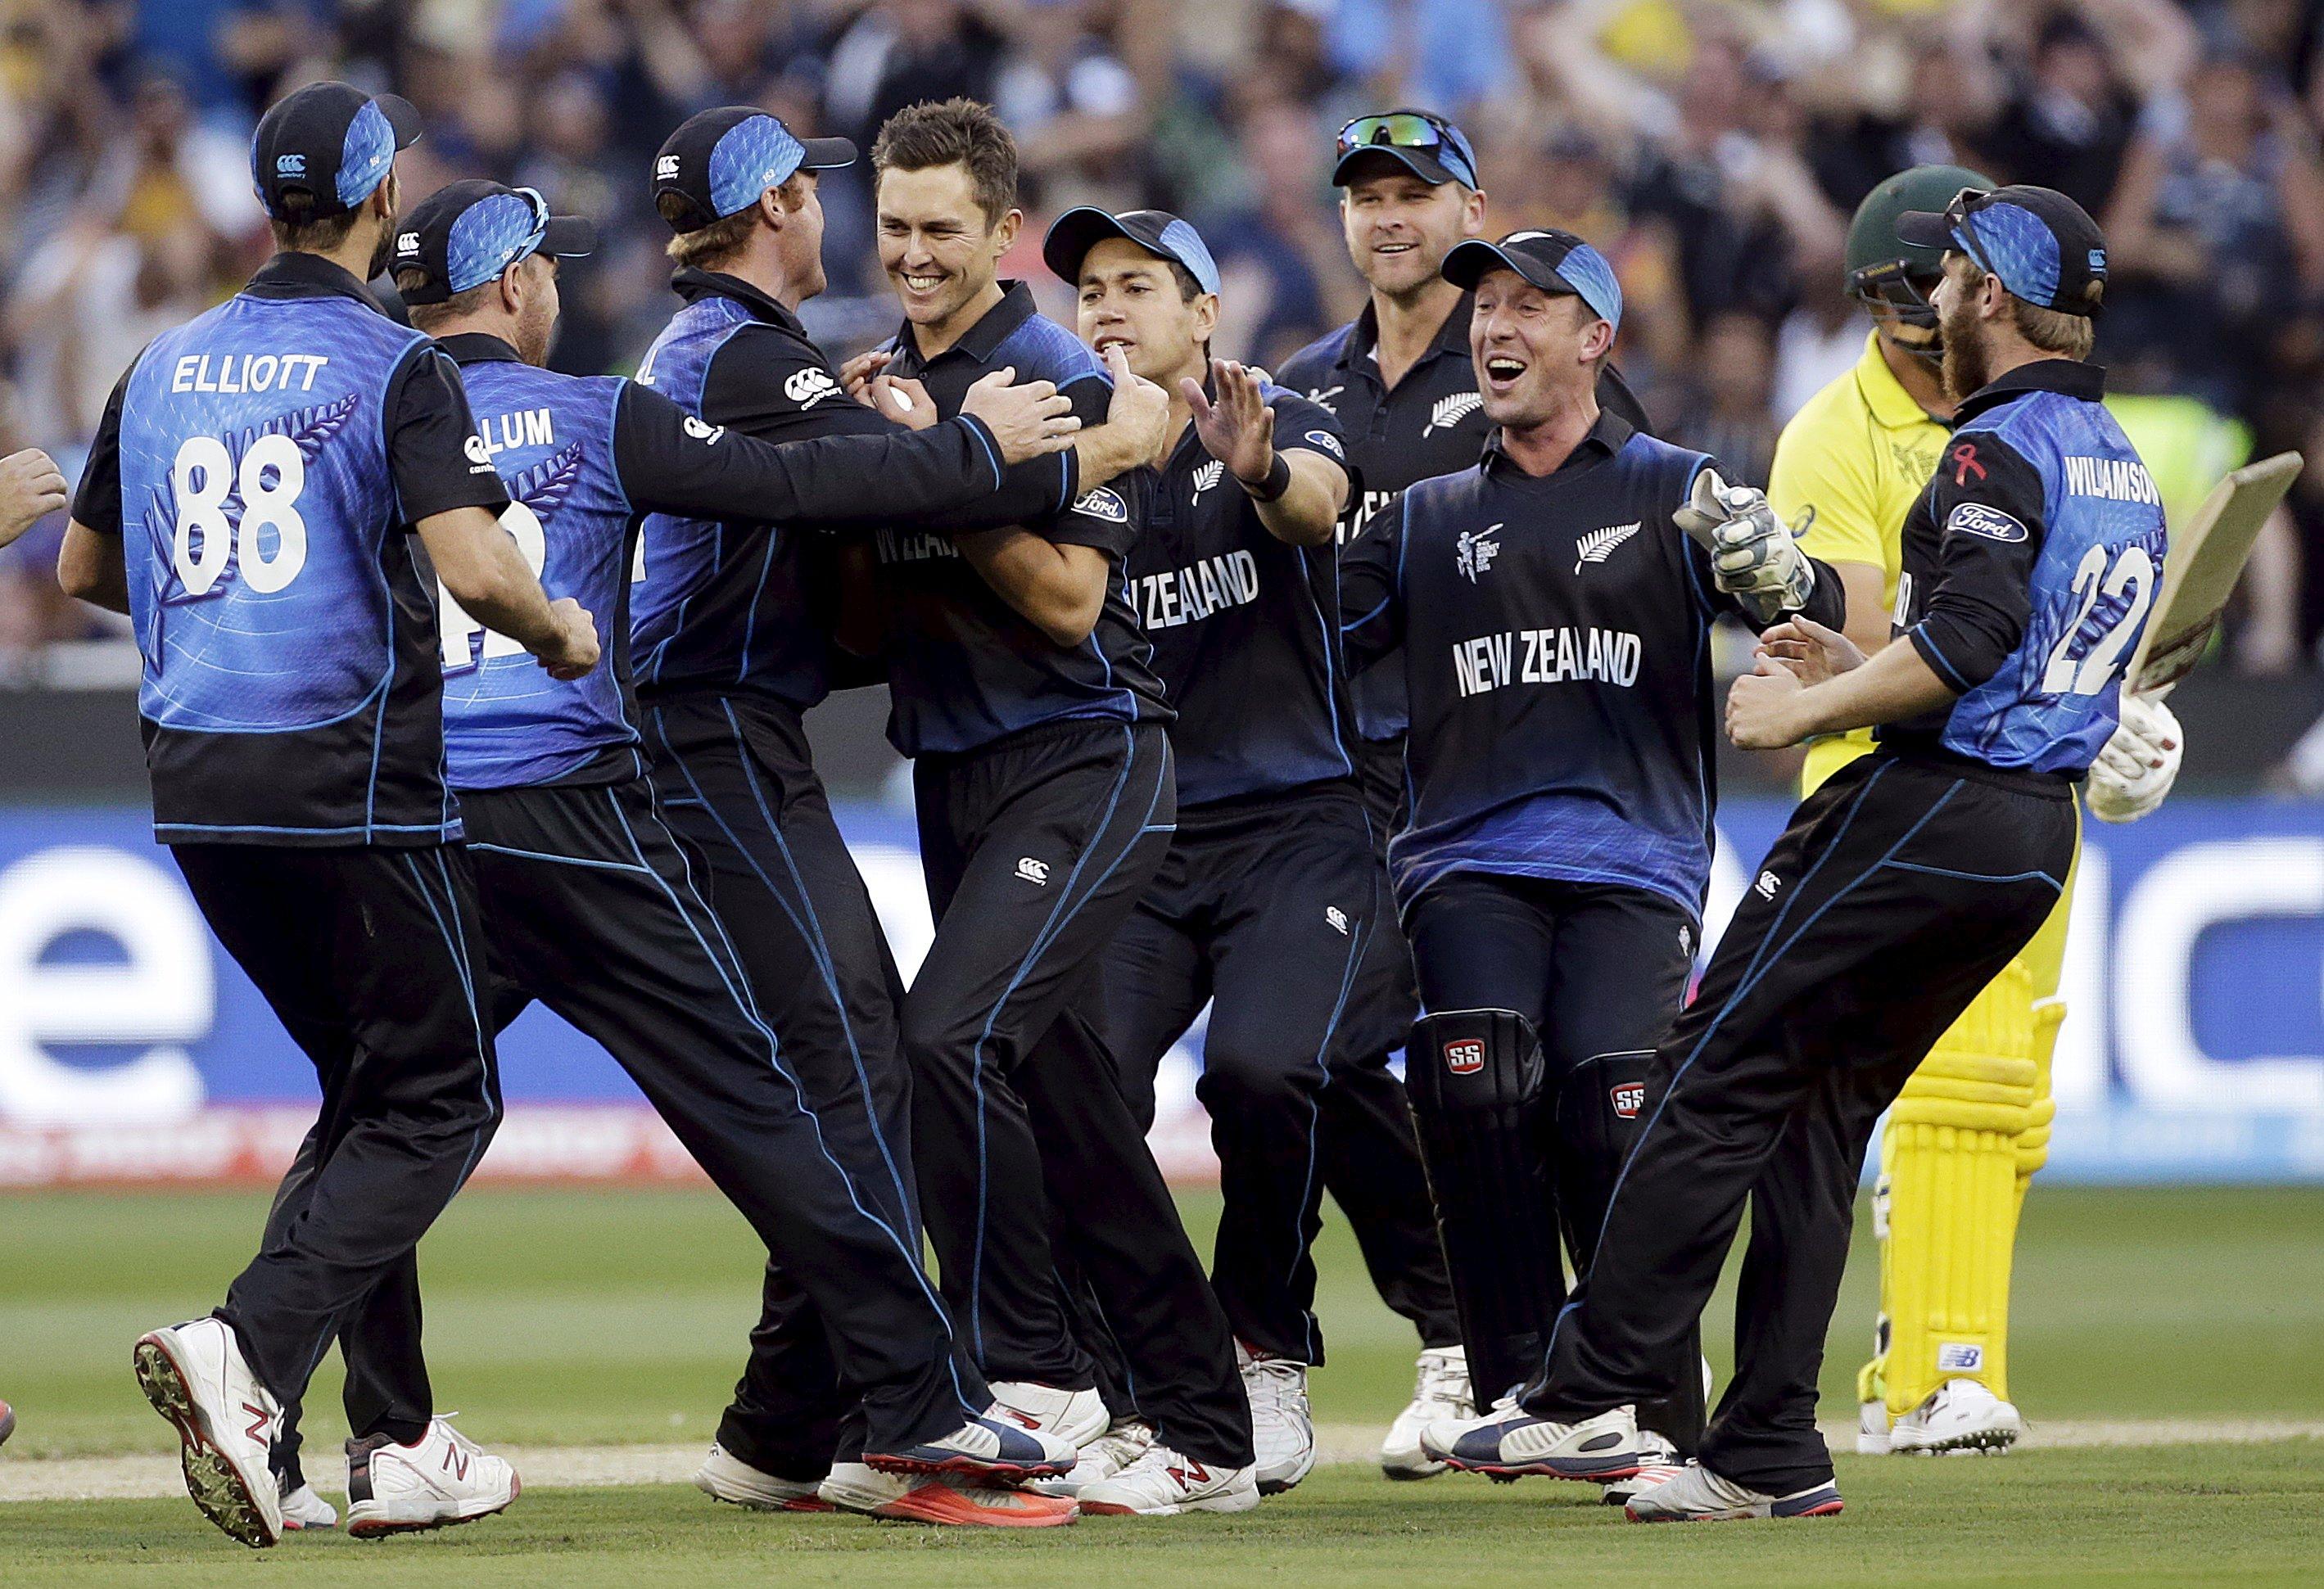 पिछले एक साल से एक भी मैच नहीं खेला है यह तेज गेंदबाज, फिर भी आईसीसी रैंकिंग में नंबर-1 1